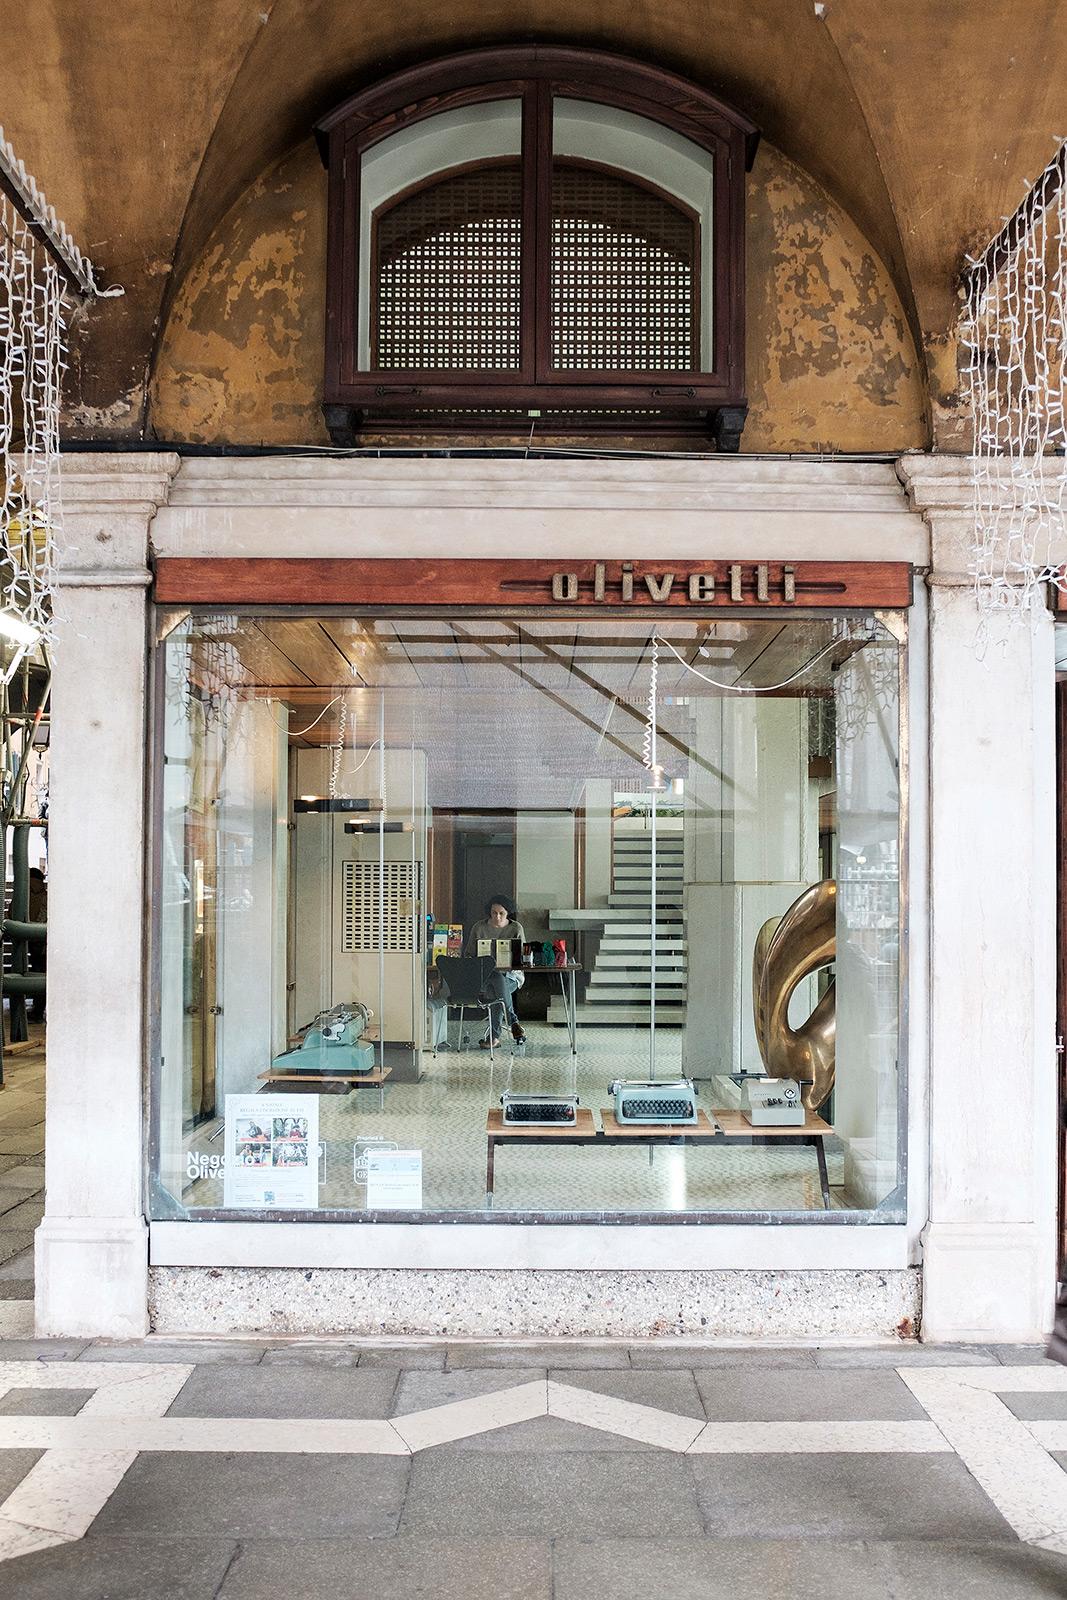 Olivetti01.jpg